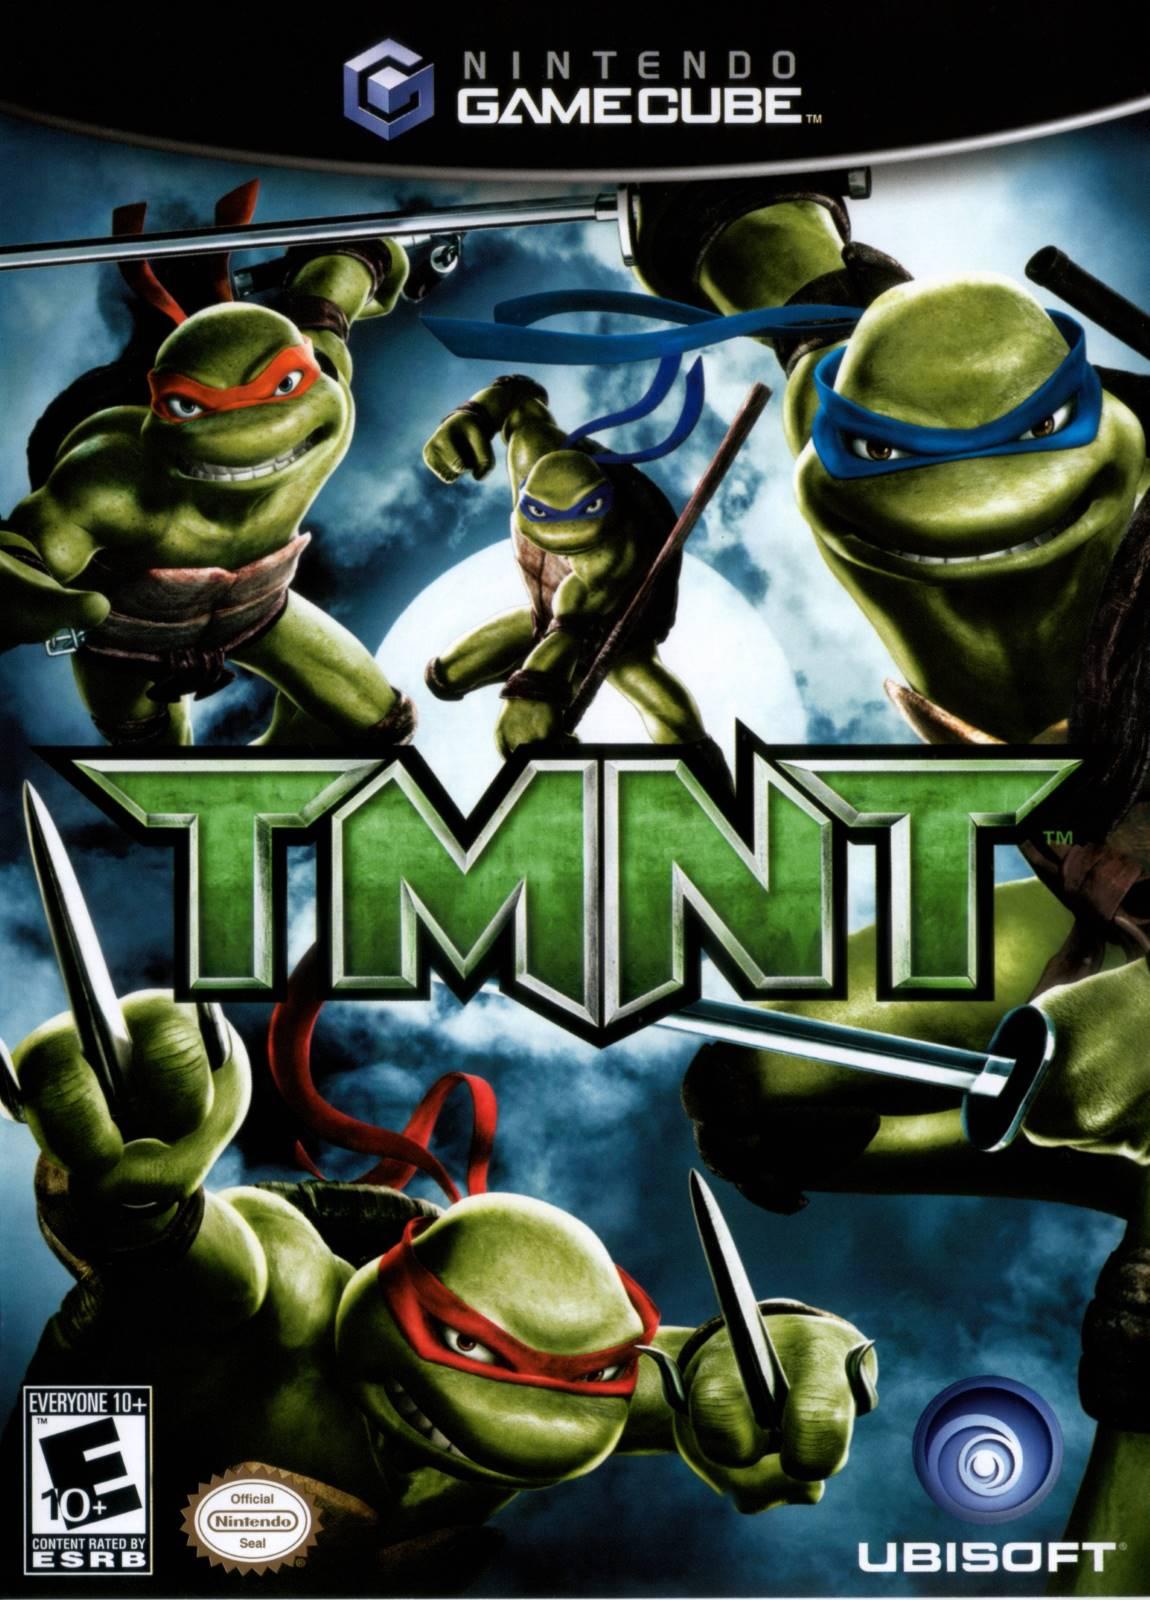 TMNT Gamecube Game